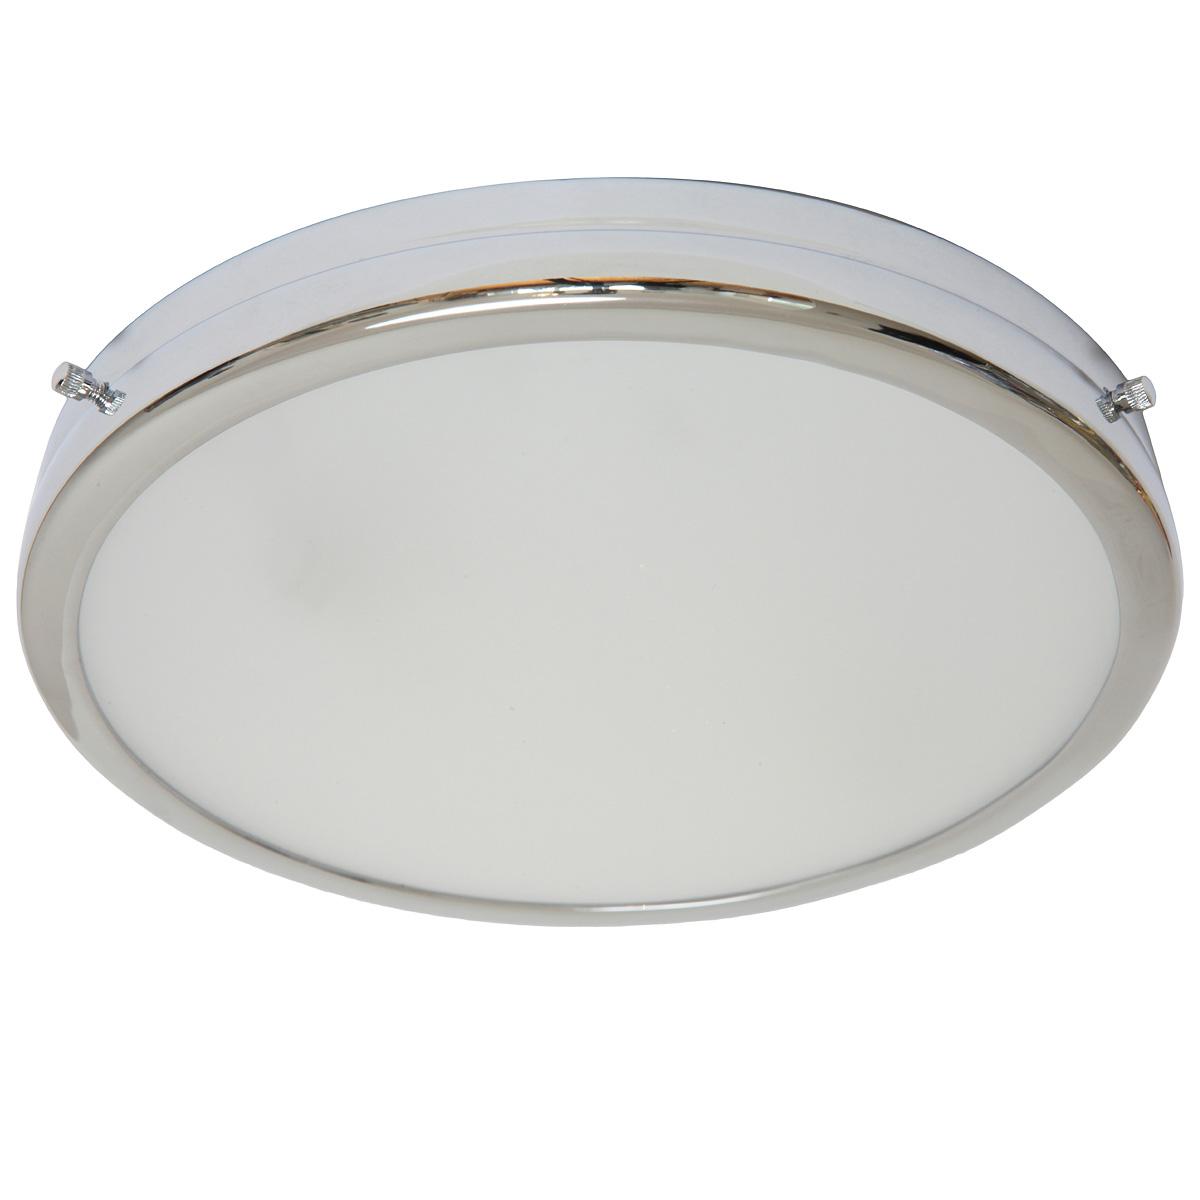 Bad deckenlampen  Runde Badezimmer-Deckenleuchte DISK - Casa Lumi